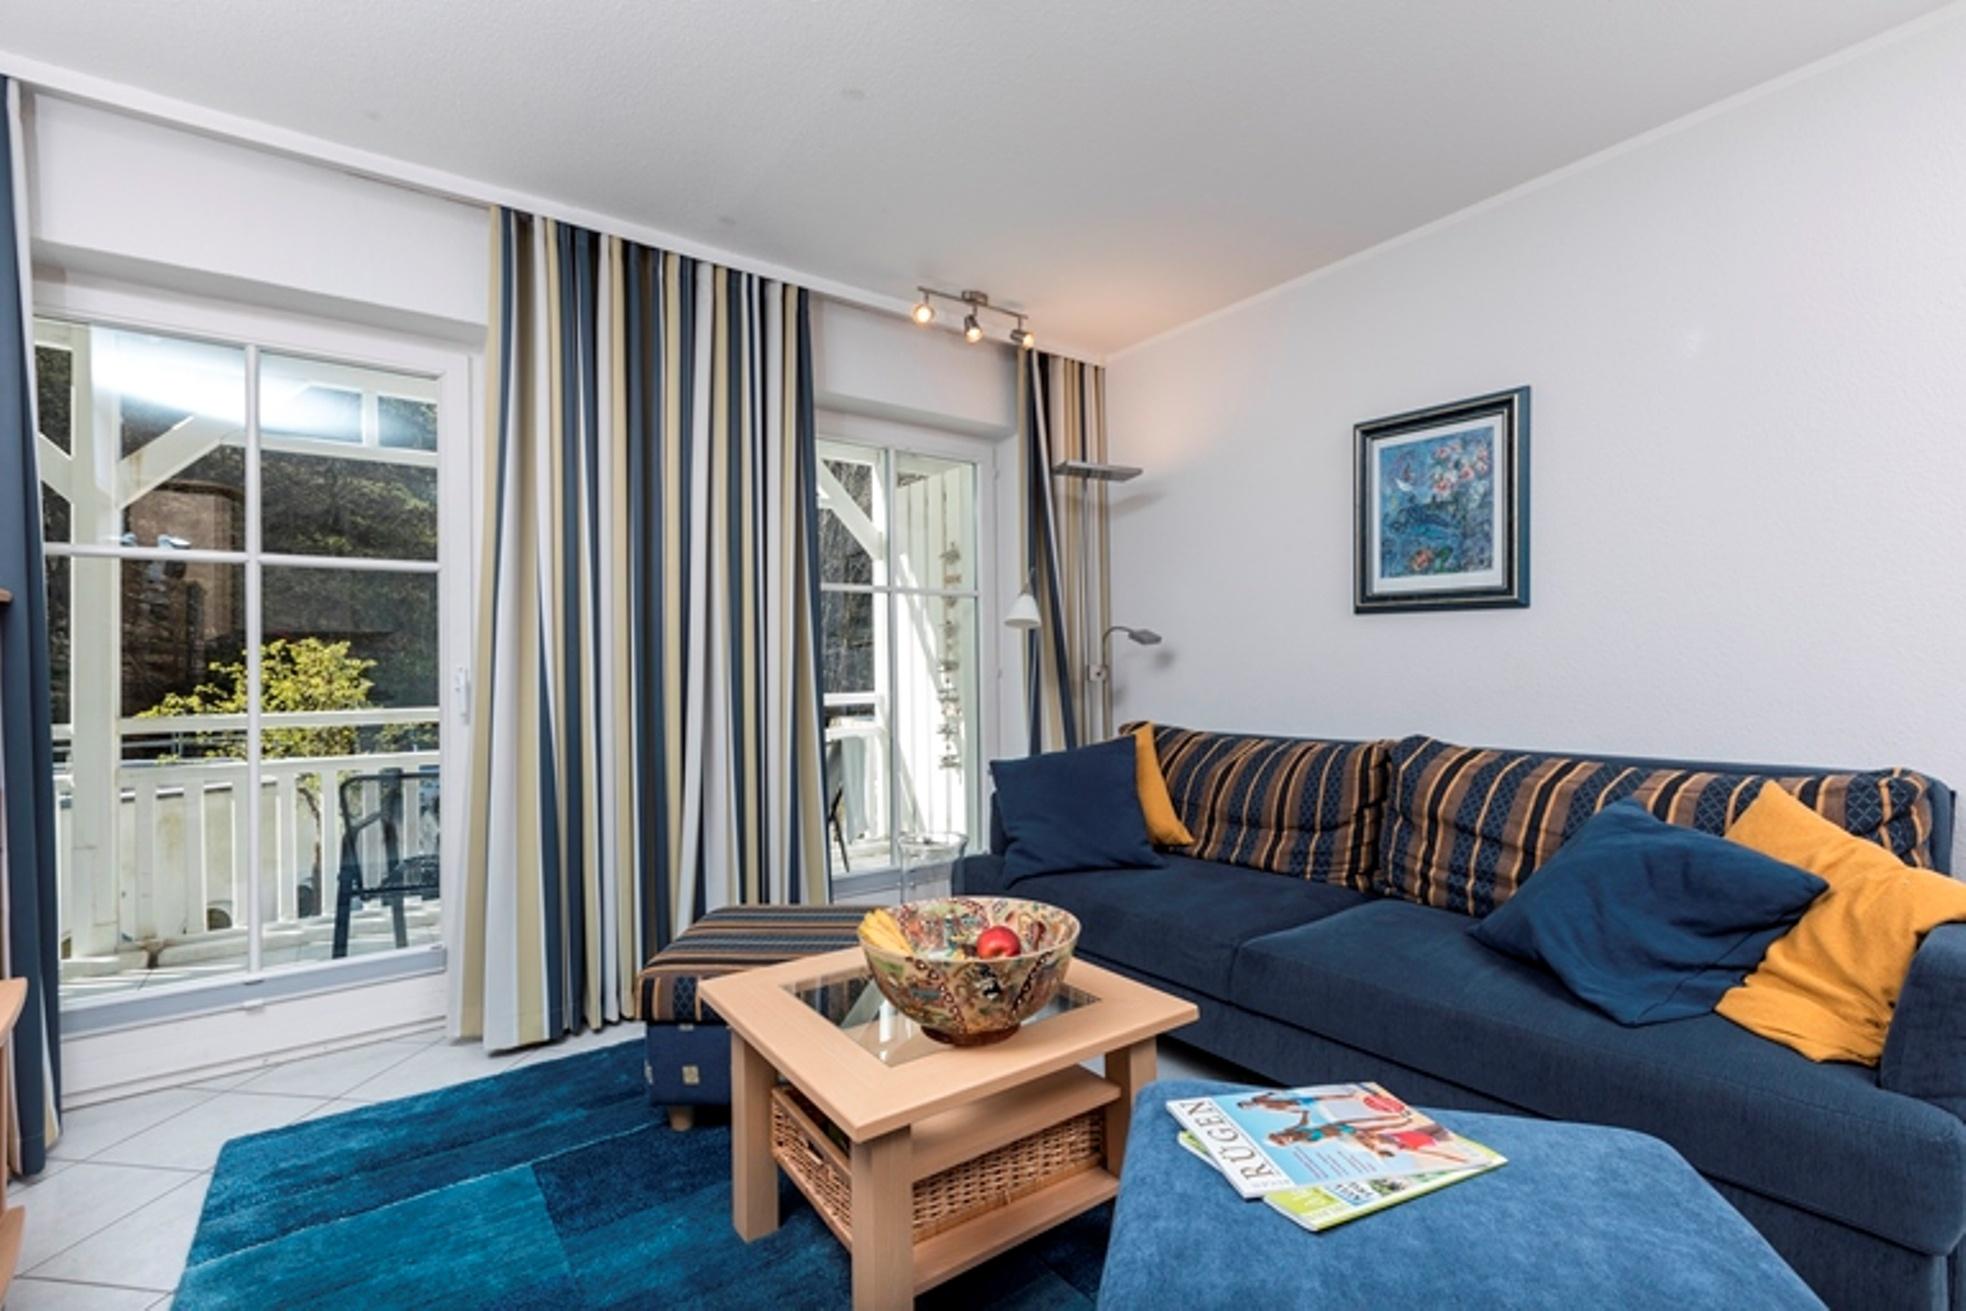 Seesschloss-Binz - Ferienwohnung 19 direkt an der Strandpromenade in Binz auf Rügen